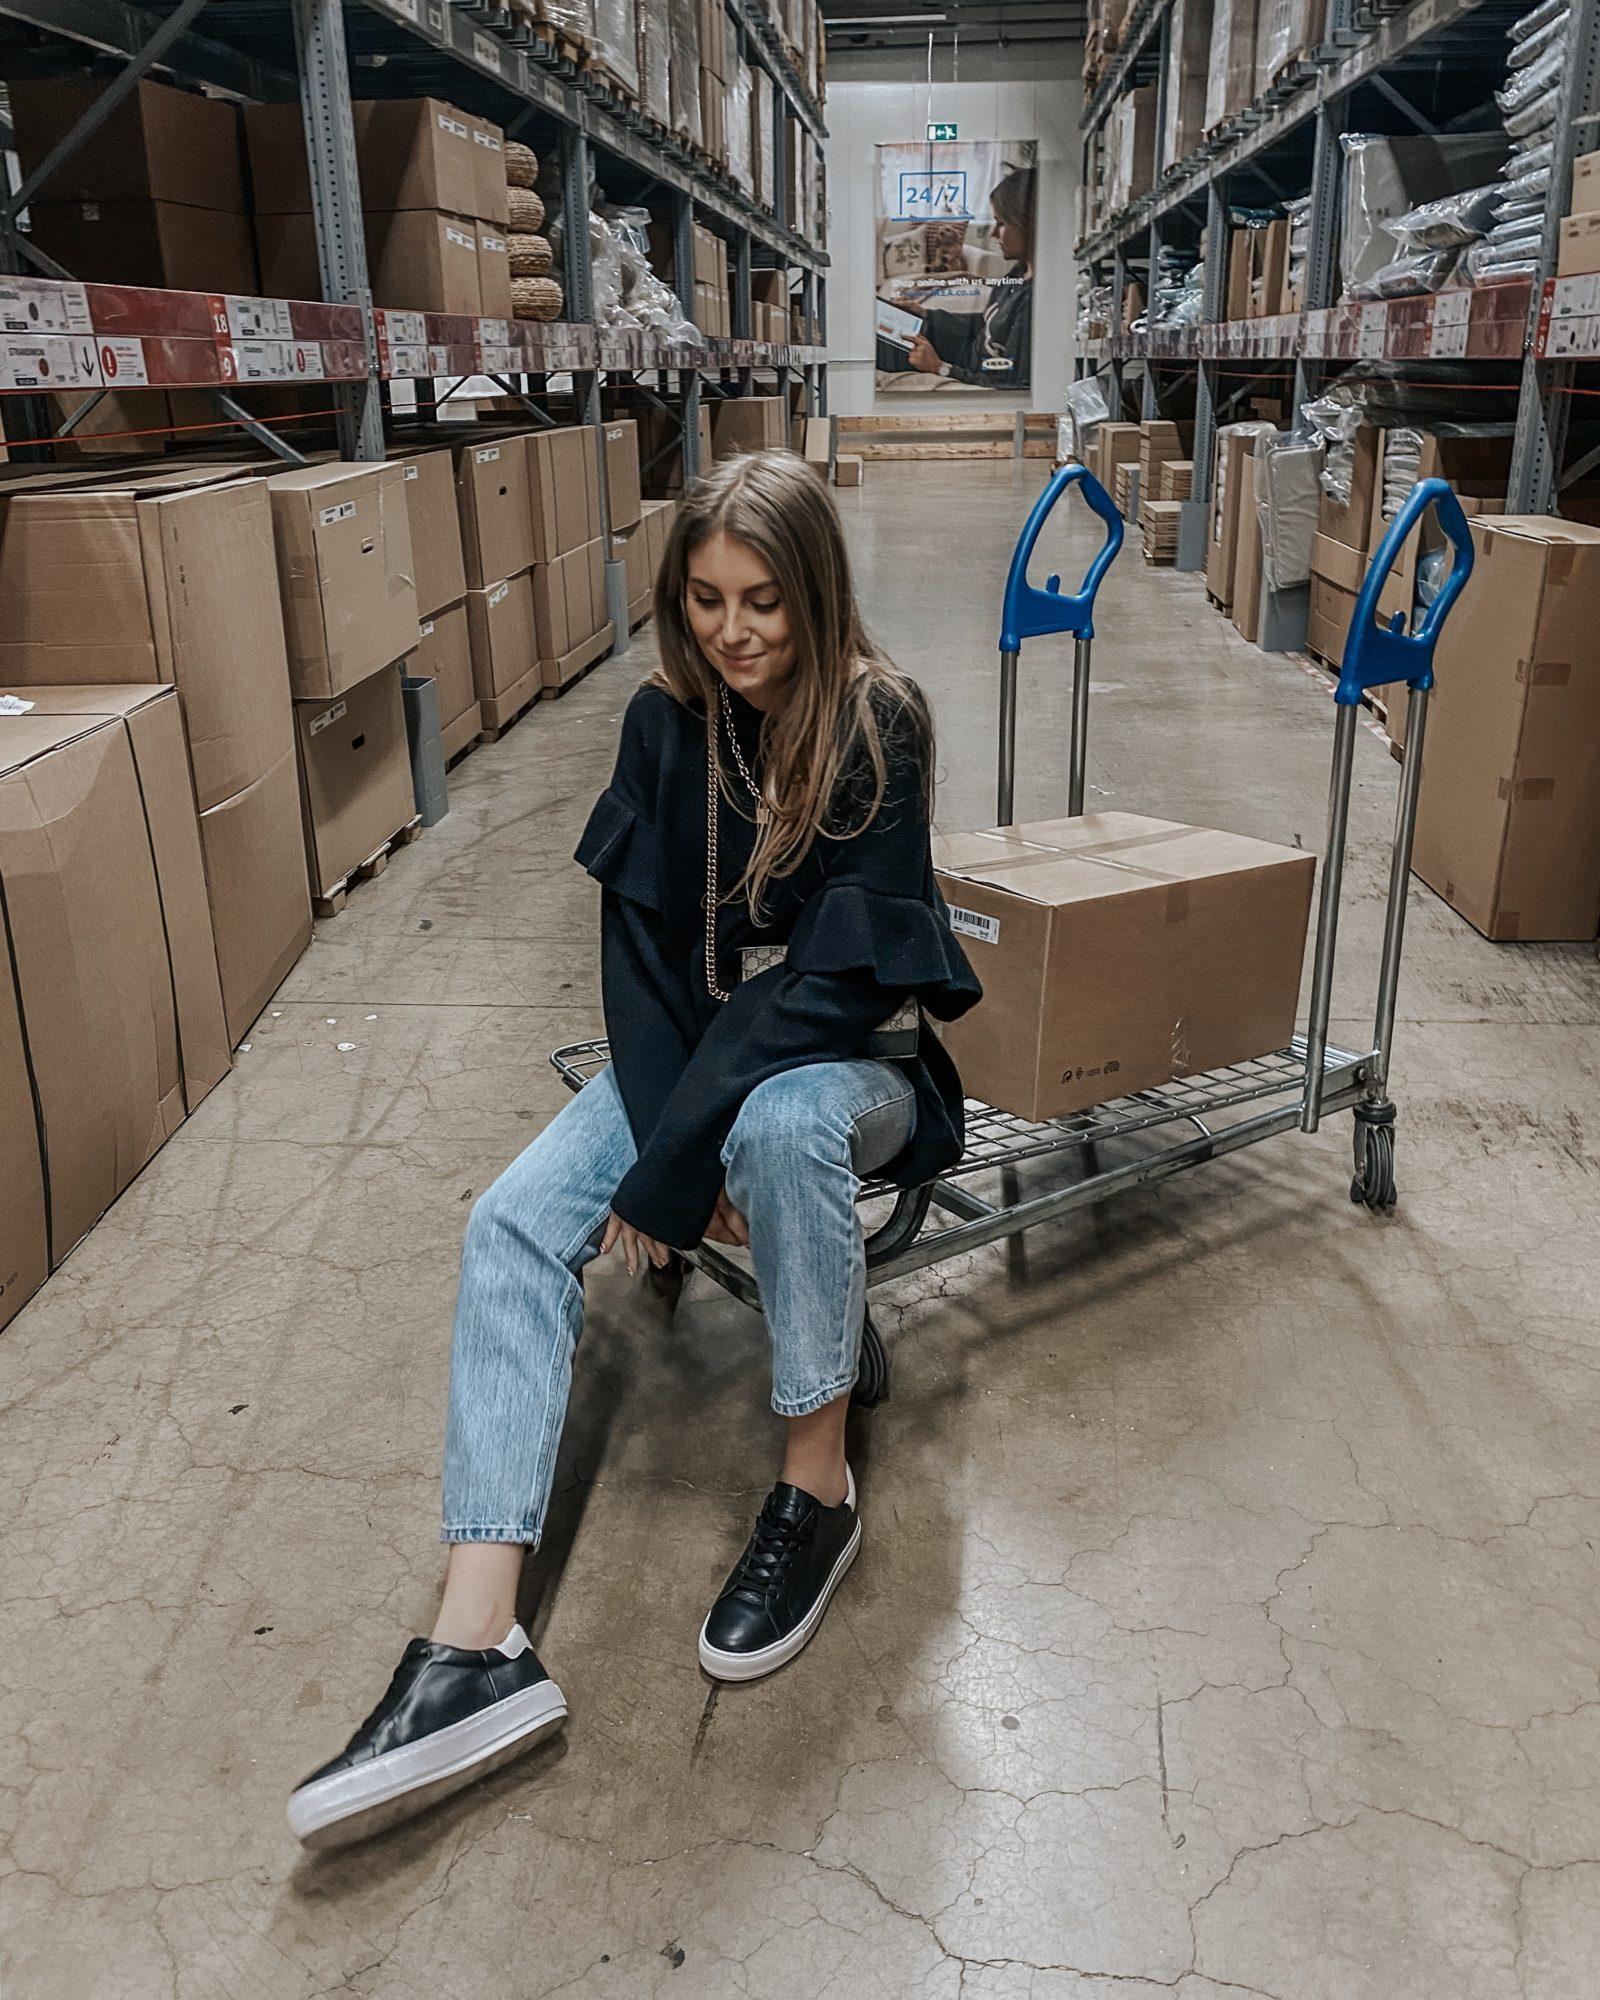 Arket Black Jumper Dress - Sinead Crowe in Ikea